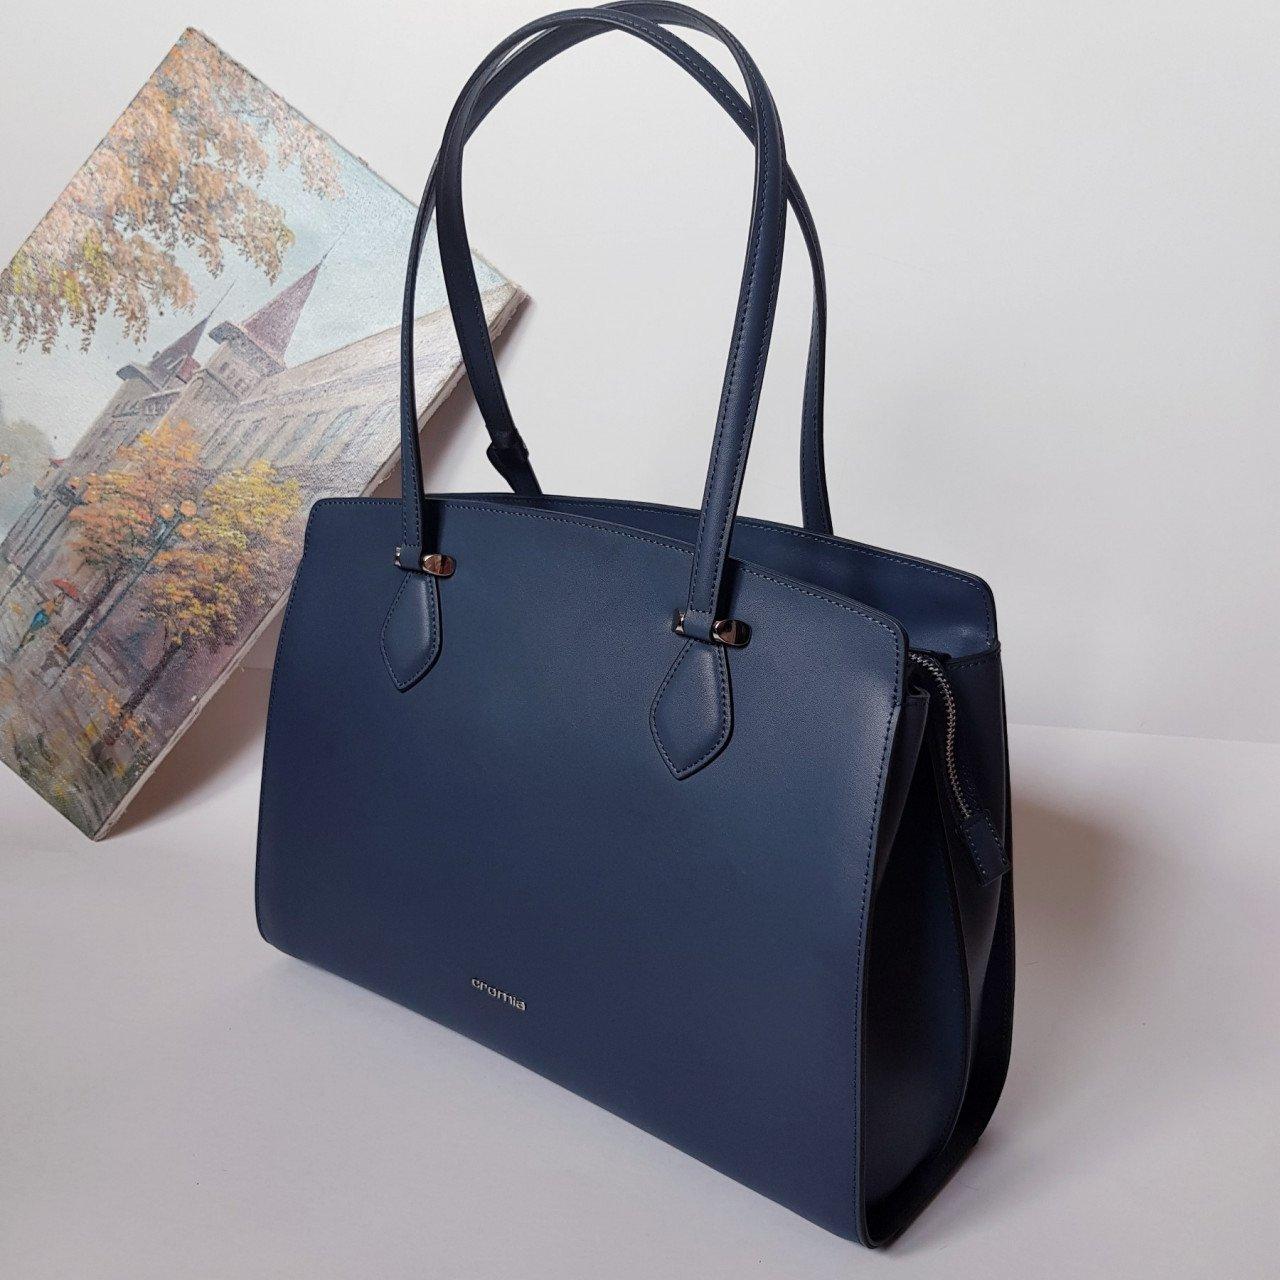 Женская кожаная сумка Cromia 1404824 BLU из натуральной кожи